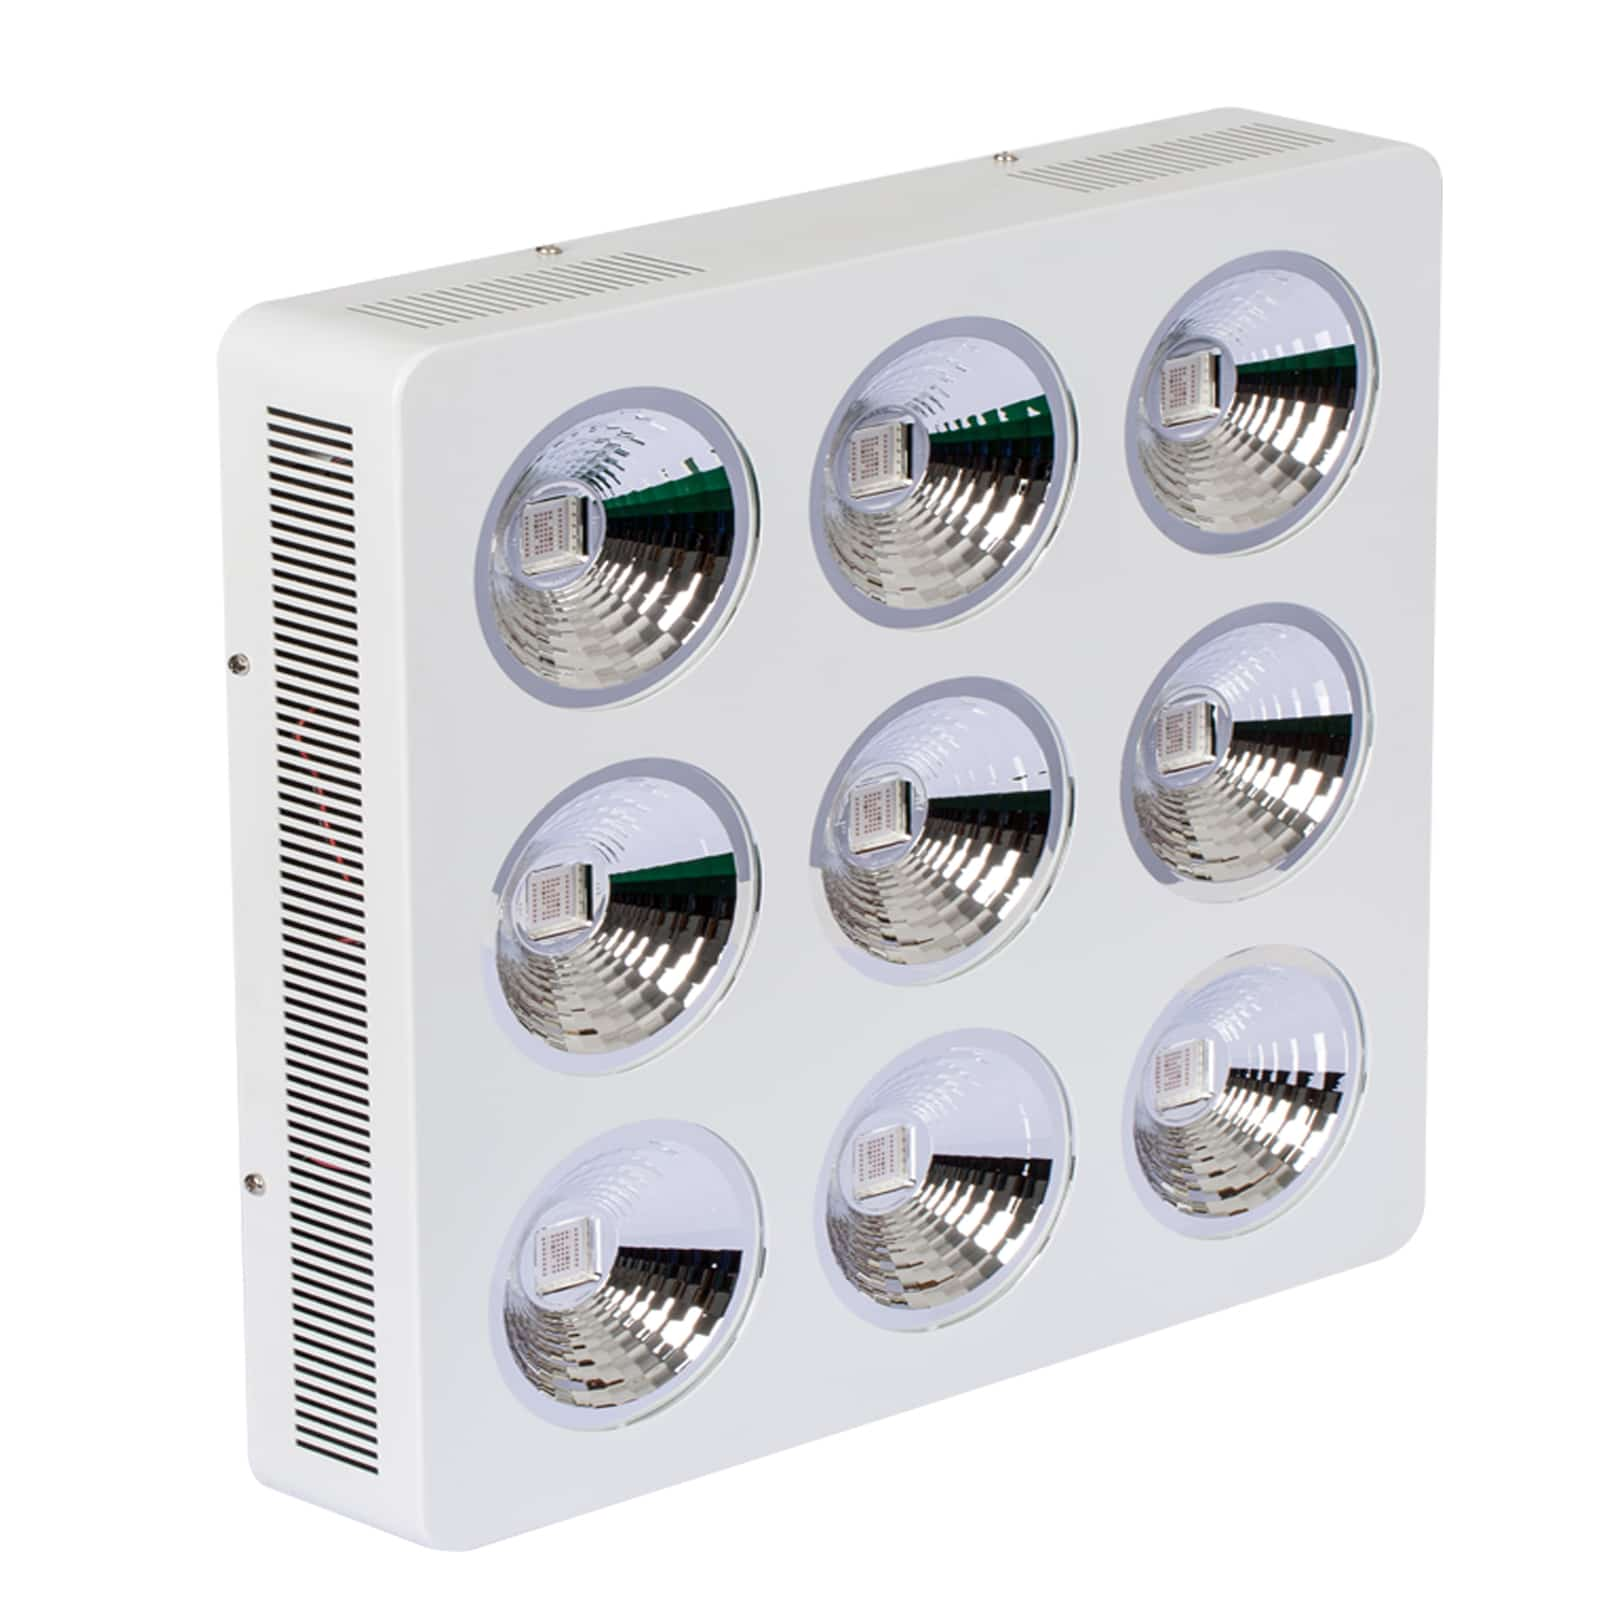 COB 900 LED